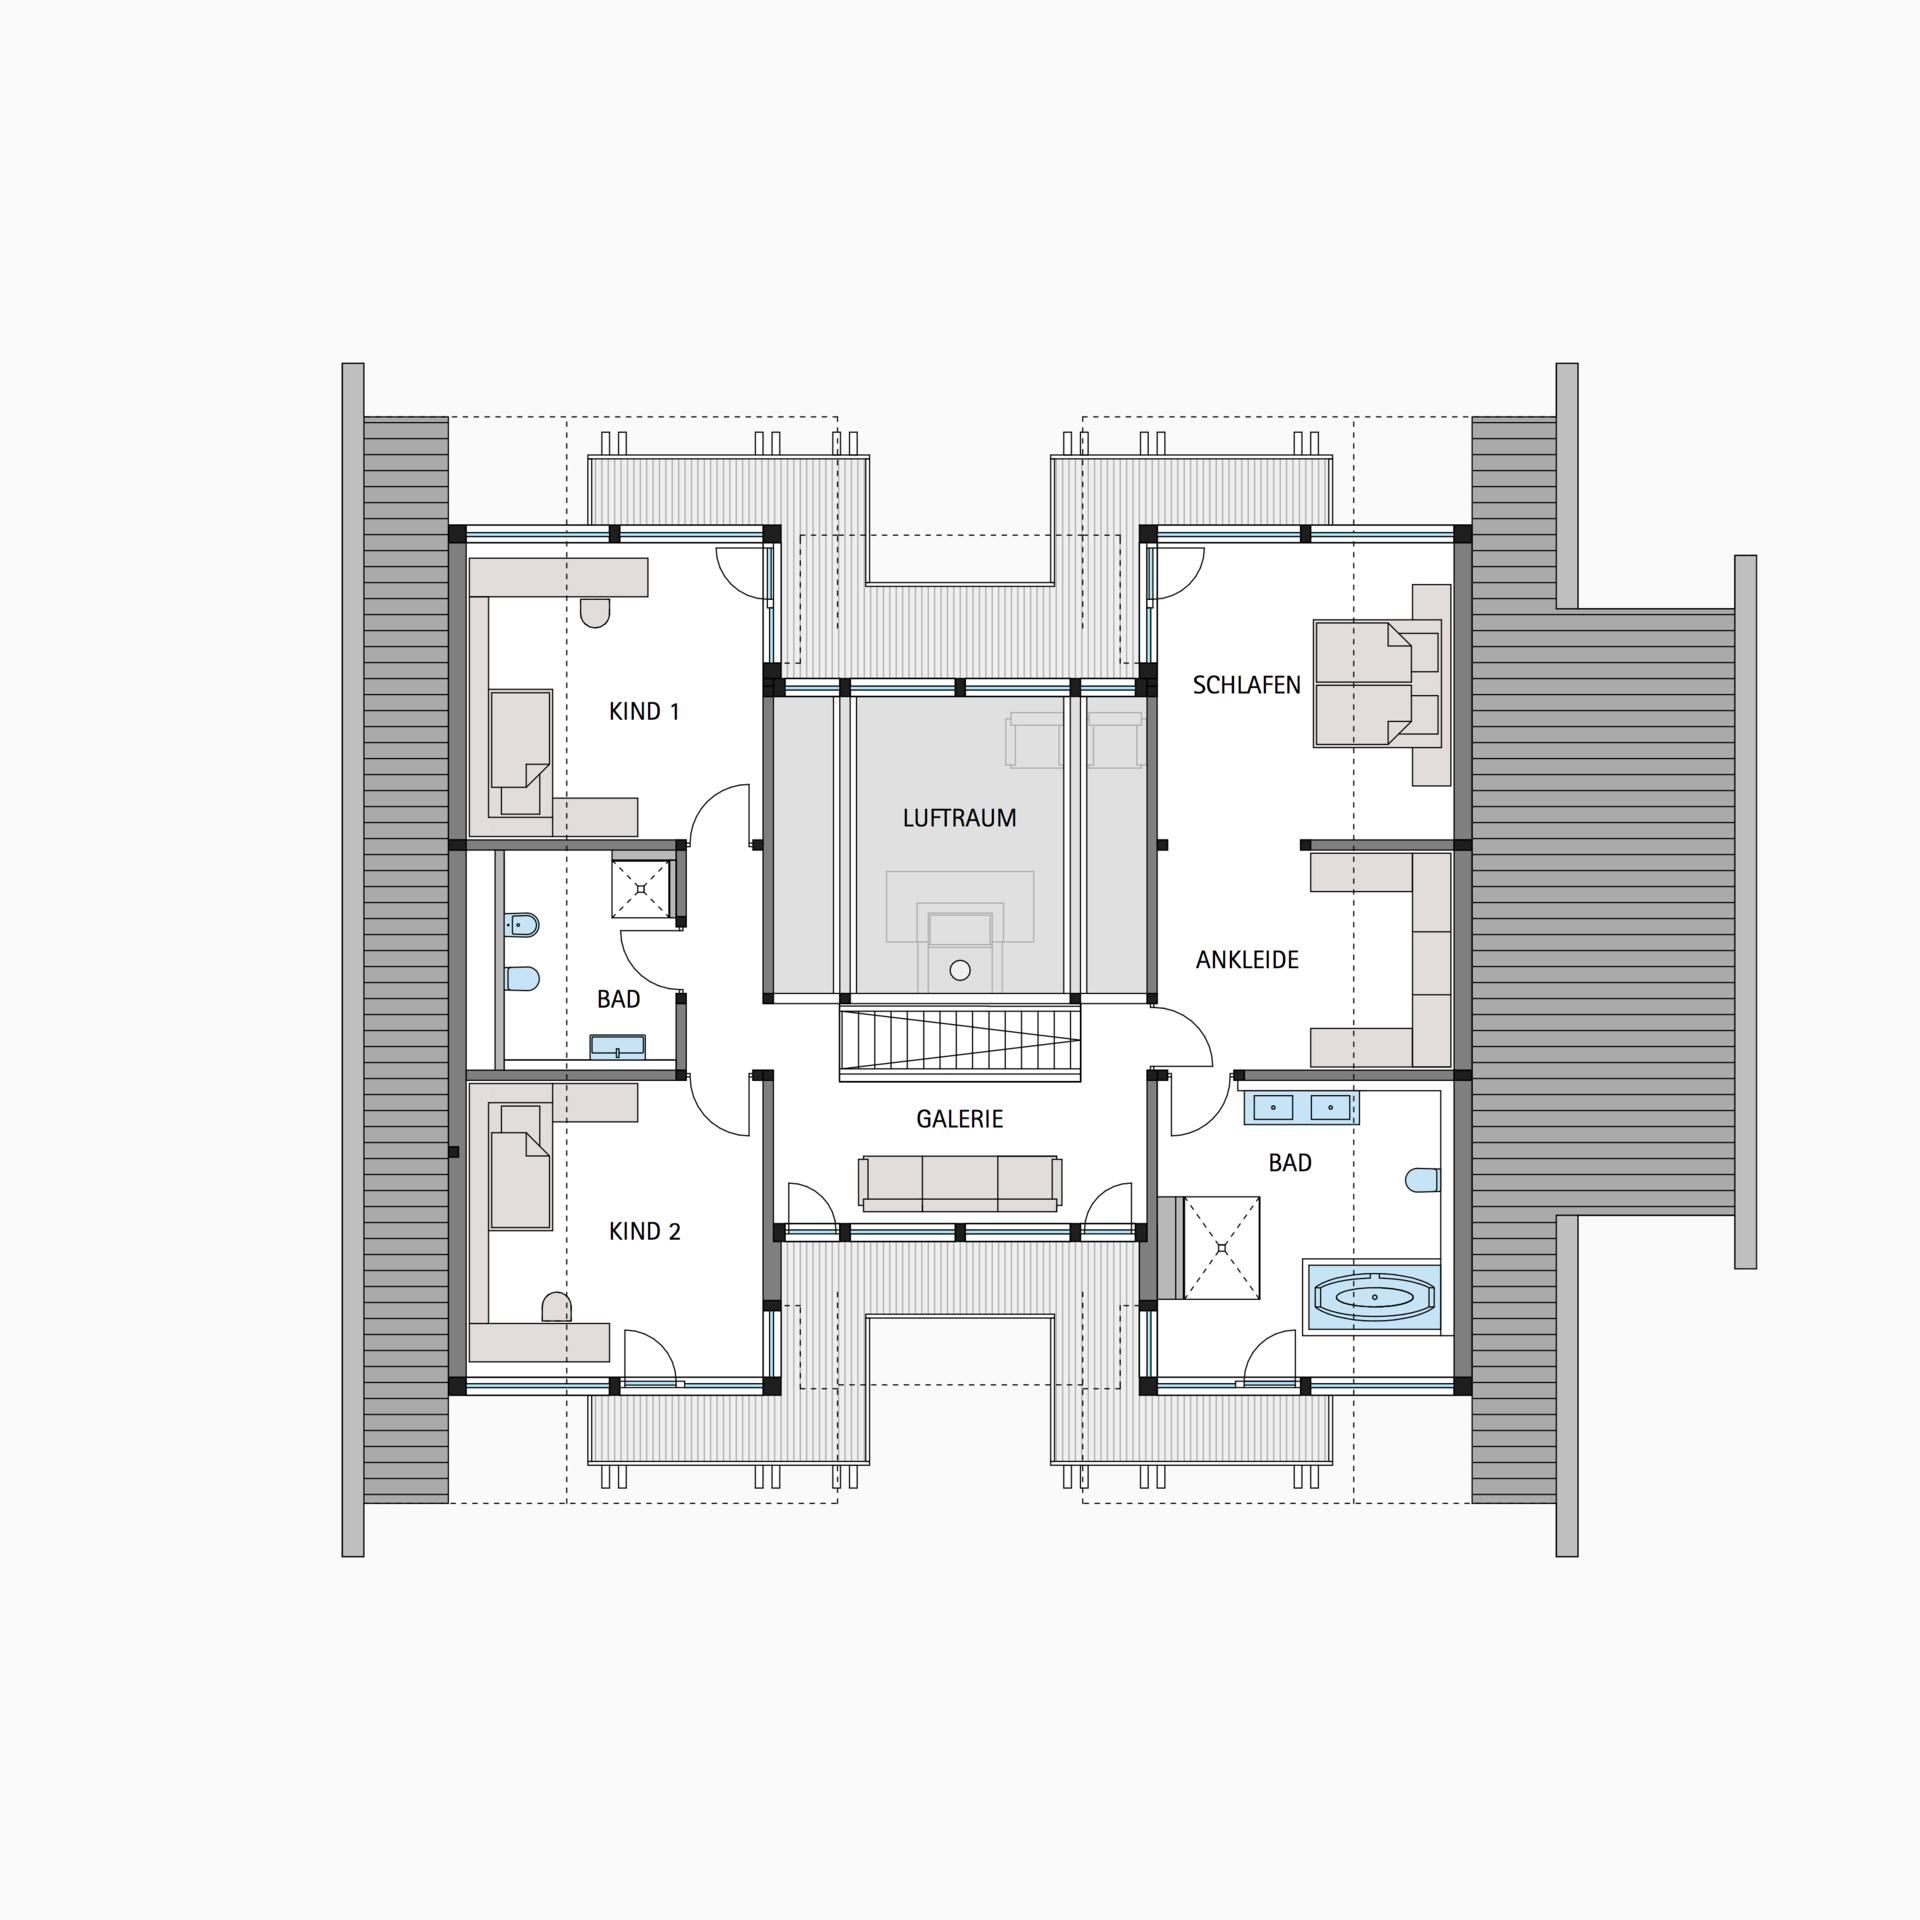 HUF Fachwerkhaus Grundriss Dachgeschoss ART 6 Haus